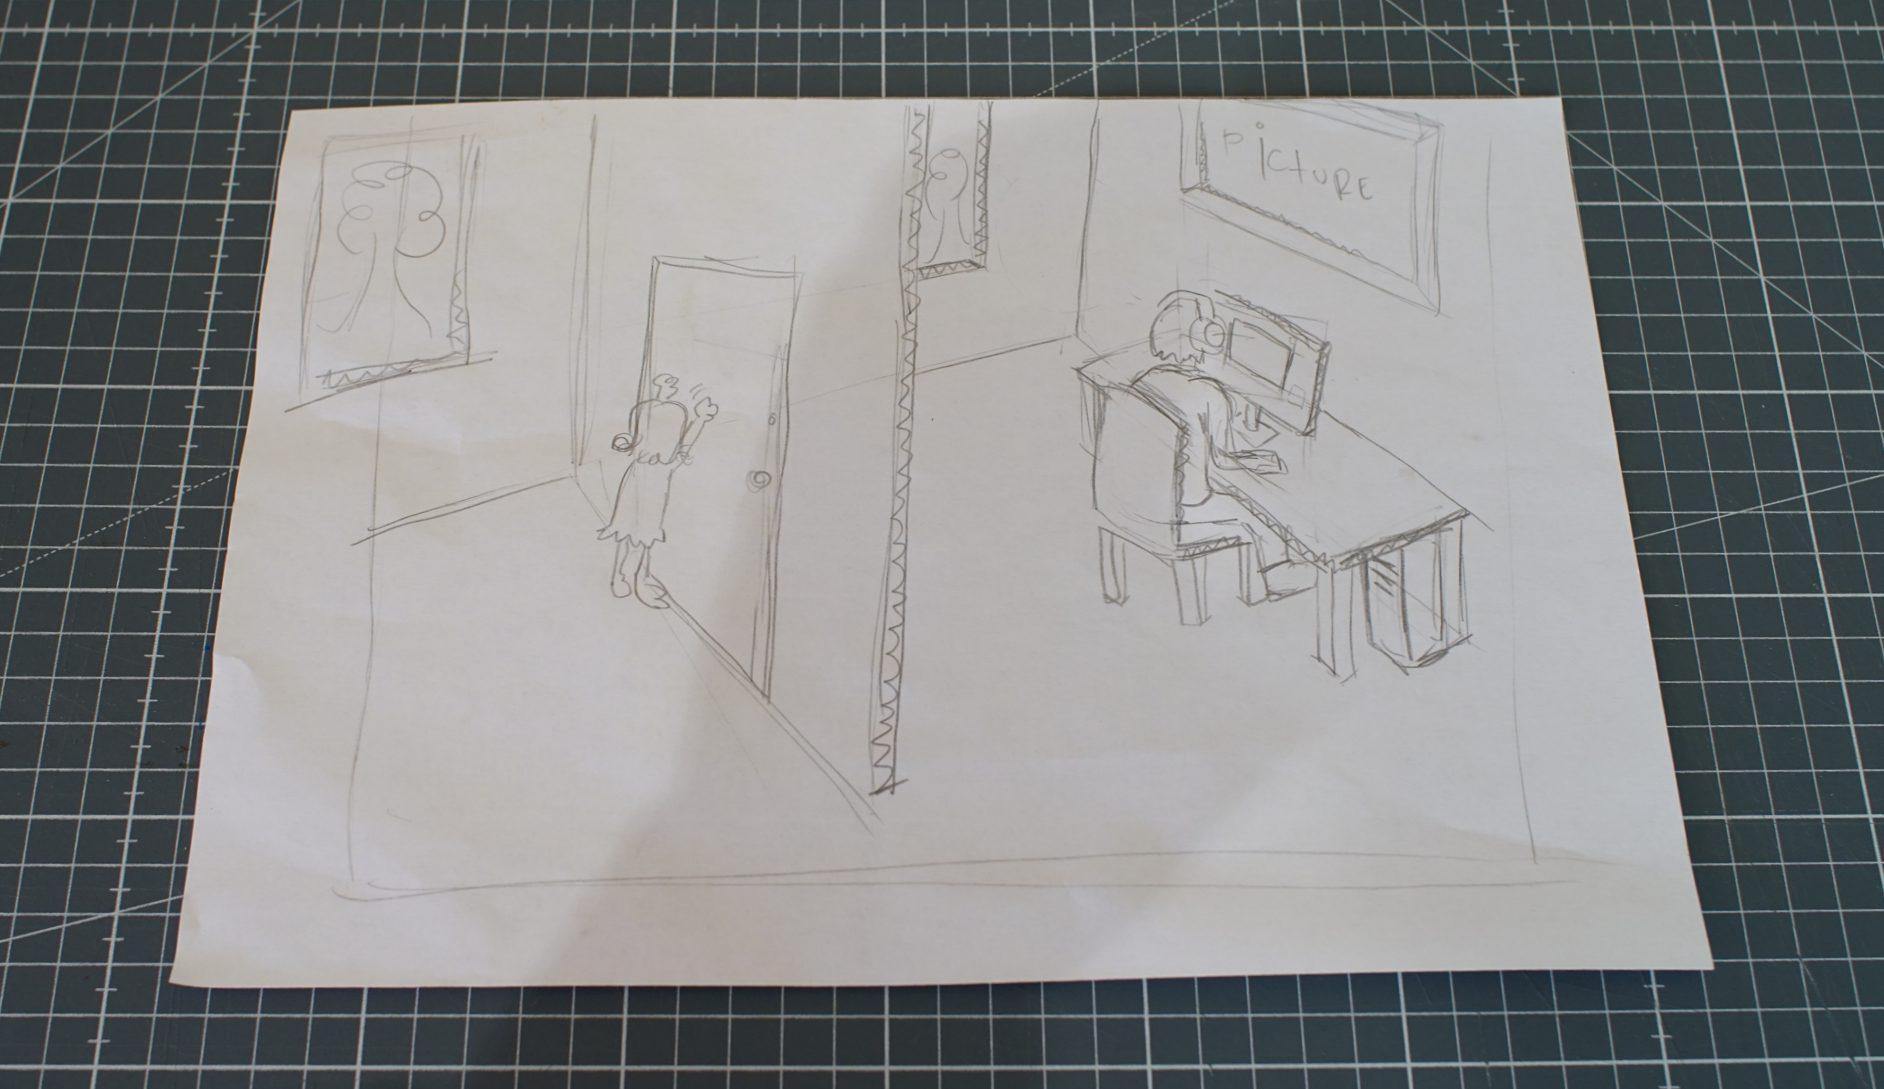 Sketch of scene